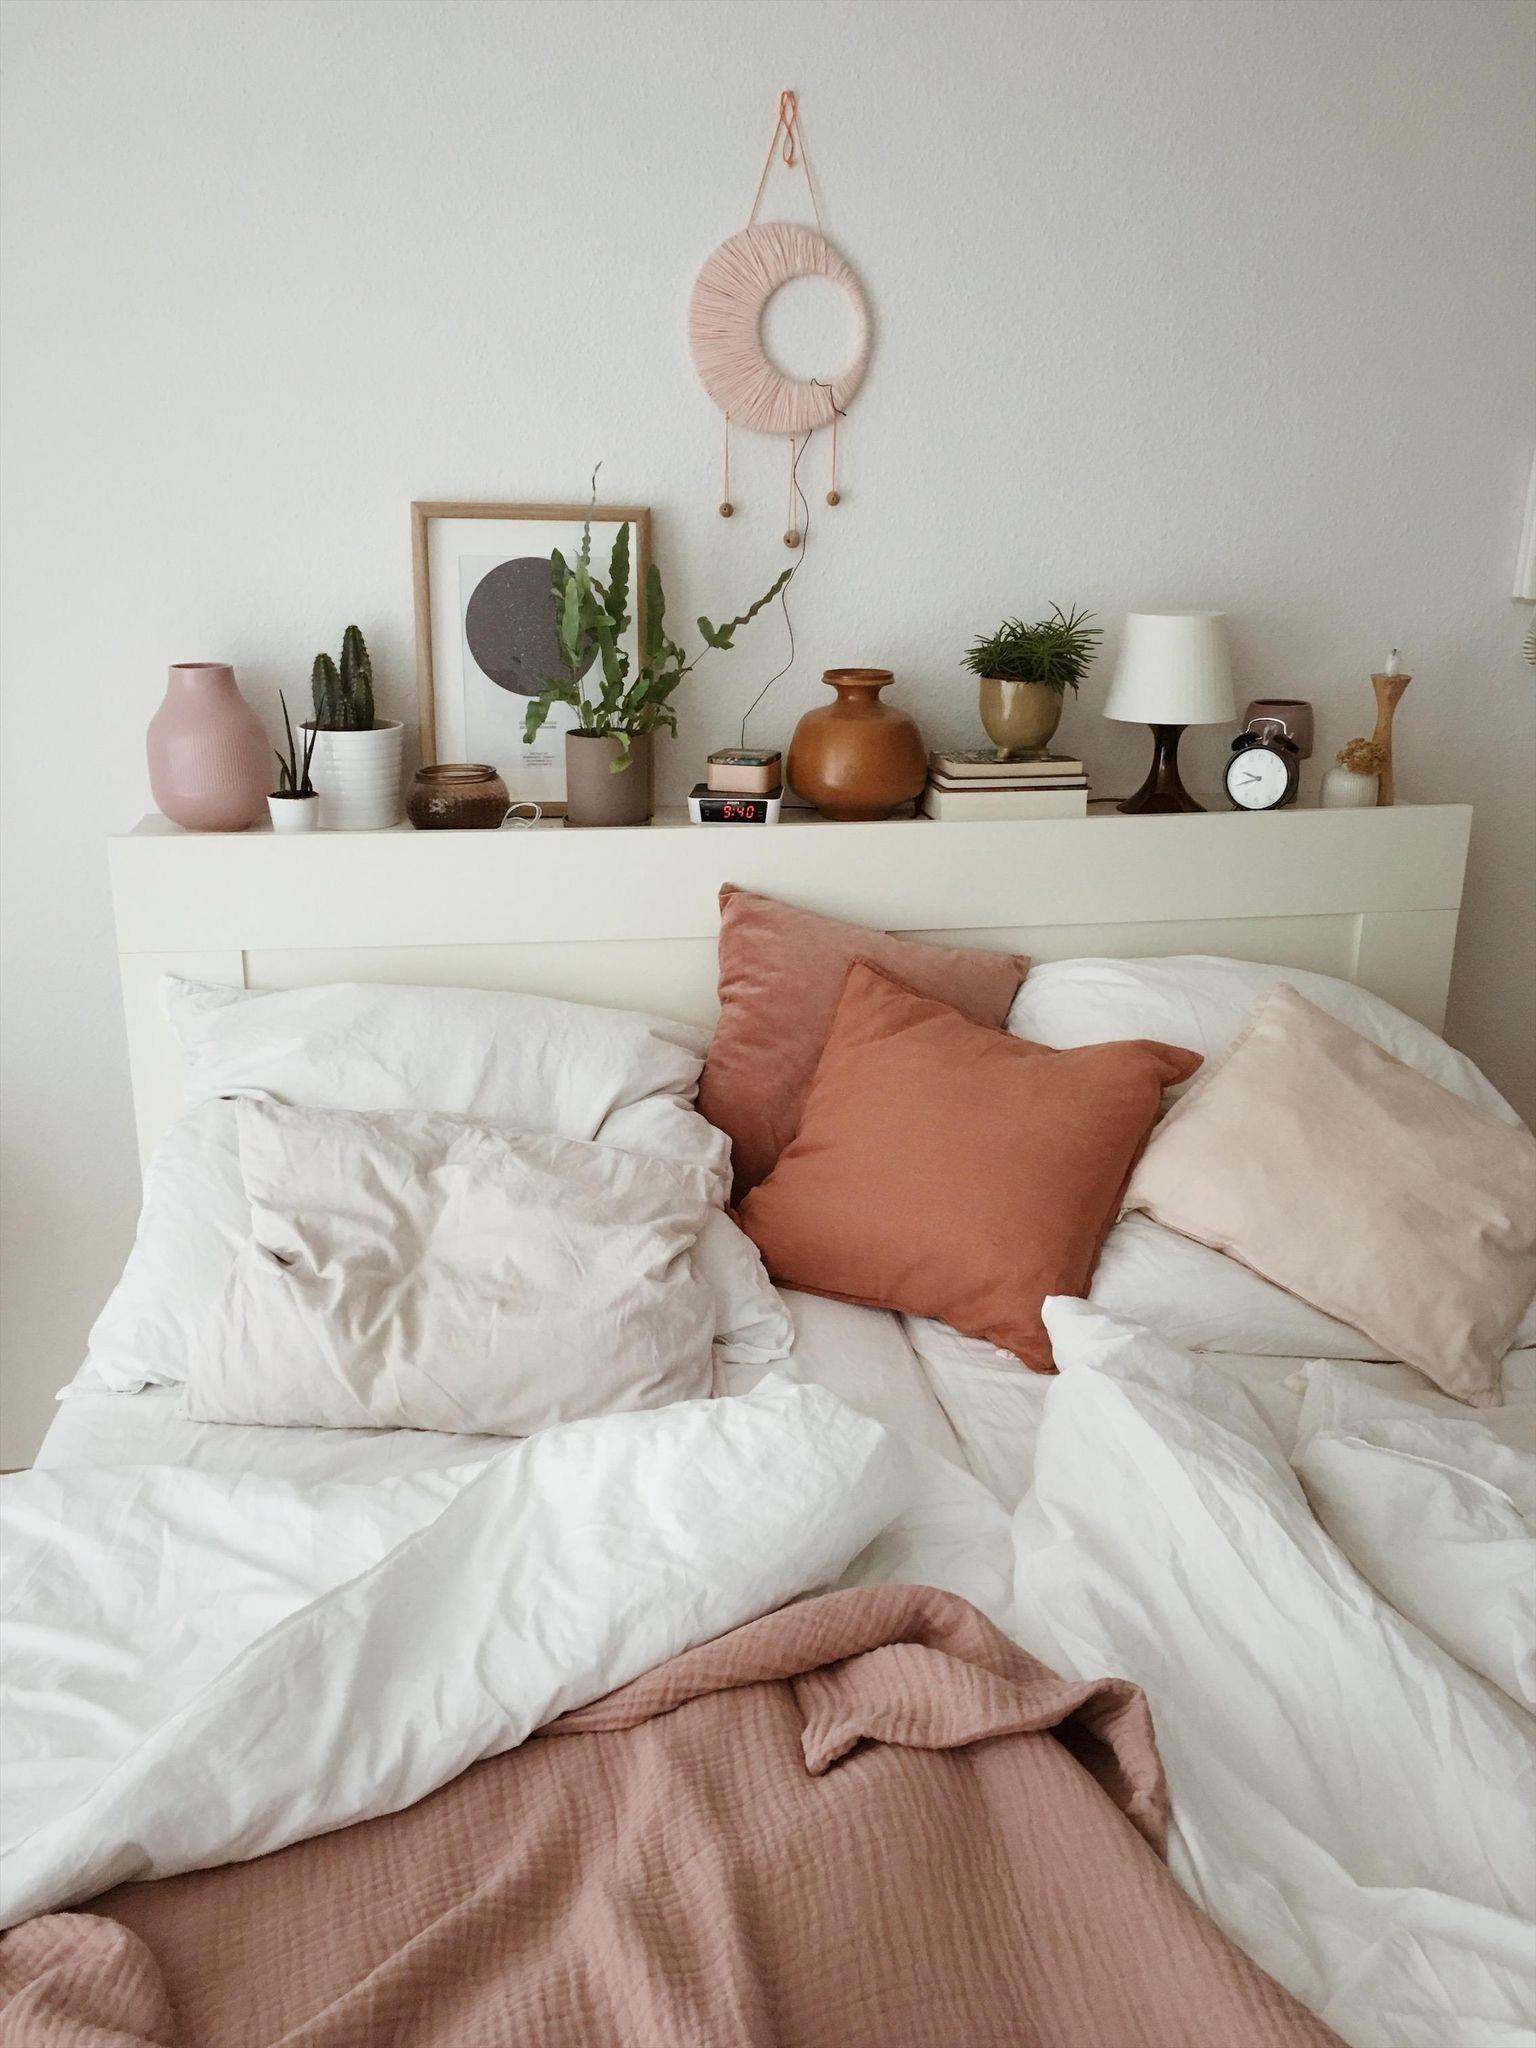 blue home accessories #home #accessories #homeaccessories Home Decor Advice Hier fllt es definitv schwer aufzustehen: nordmeise hat ihr Bett mit toller Deko versehen! #schlafzimmer #schlafzimmerdeko #bett #bathroomdiycheap